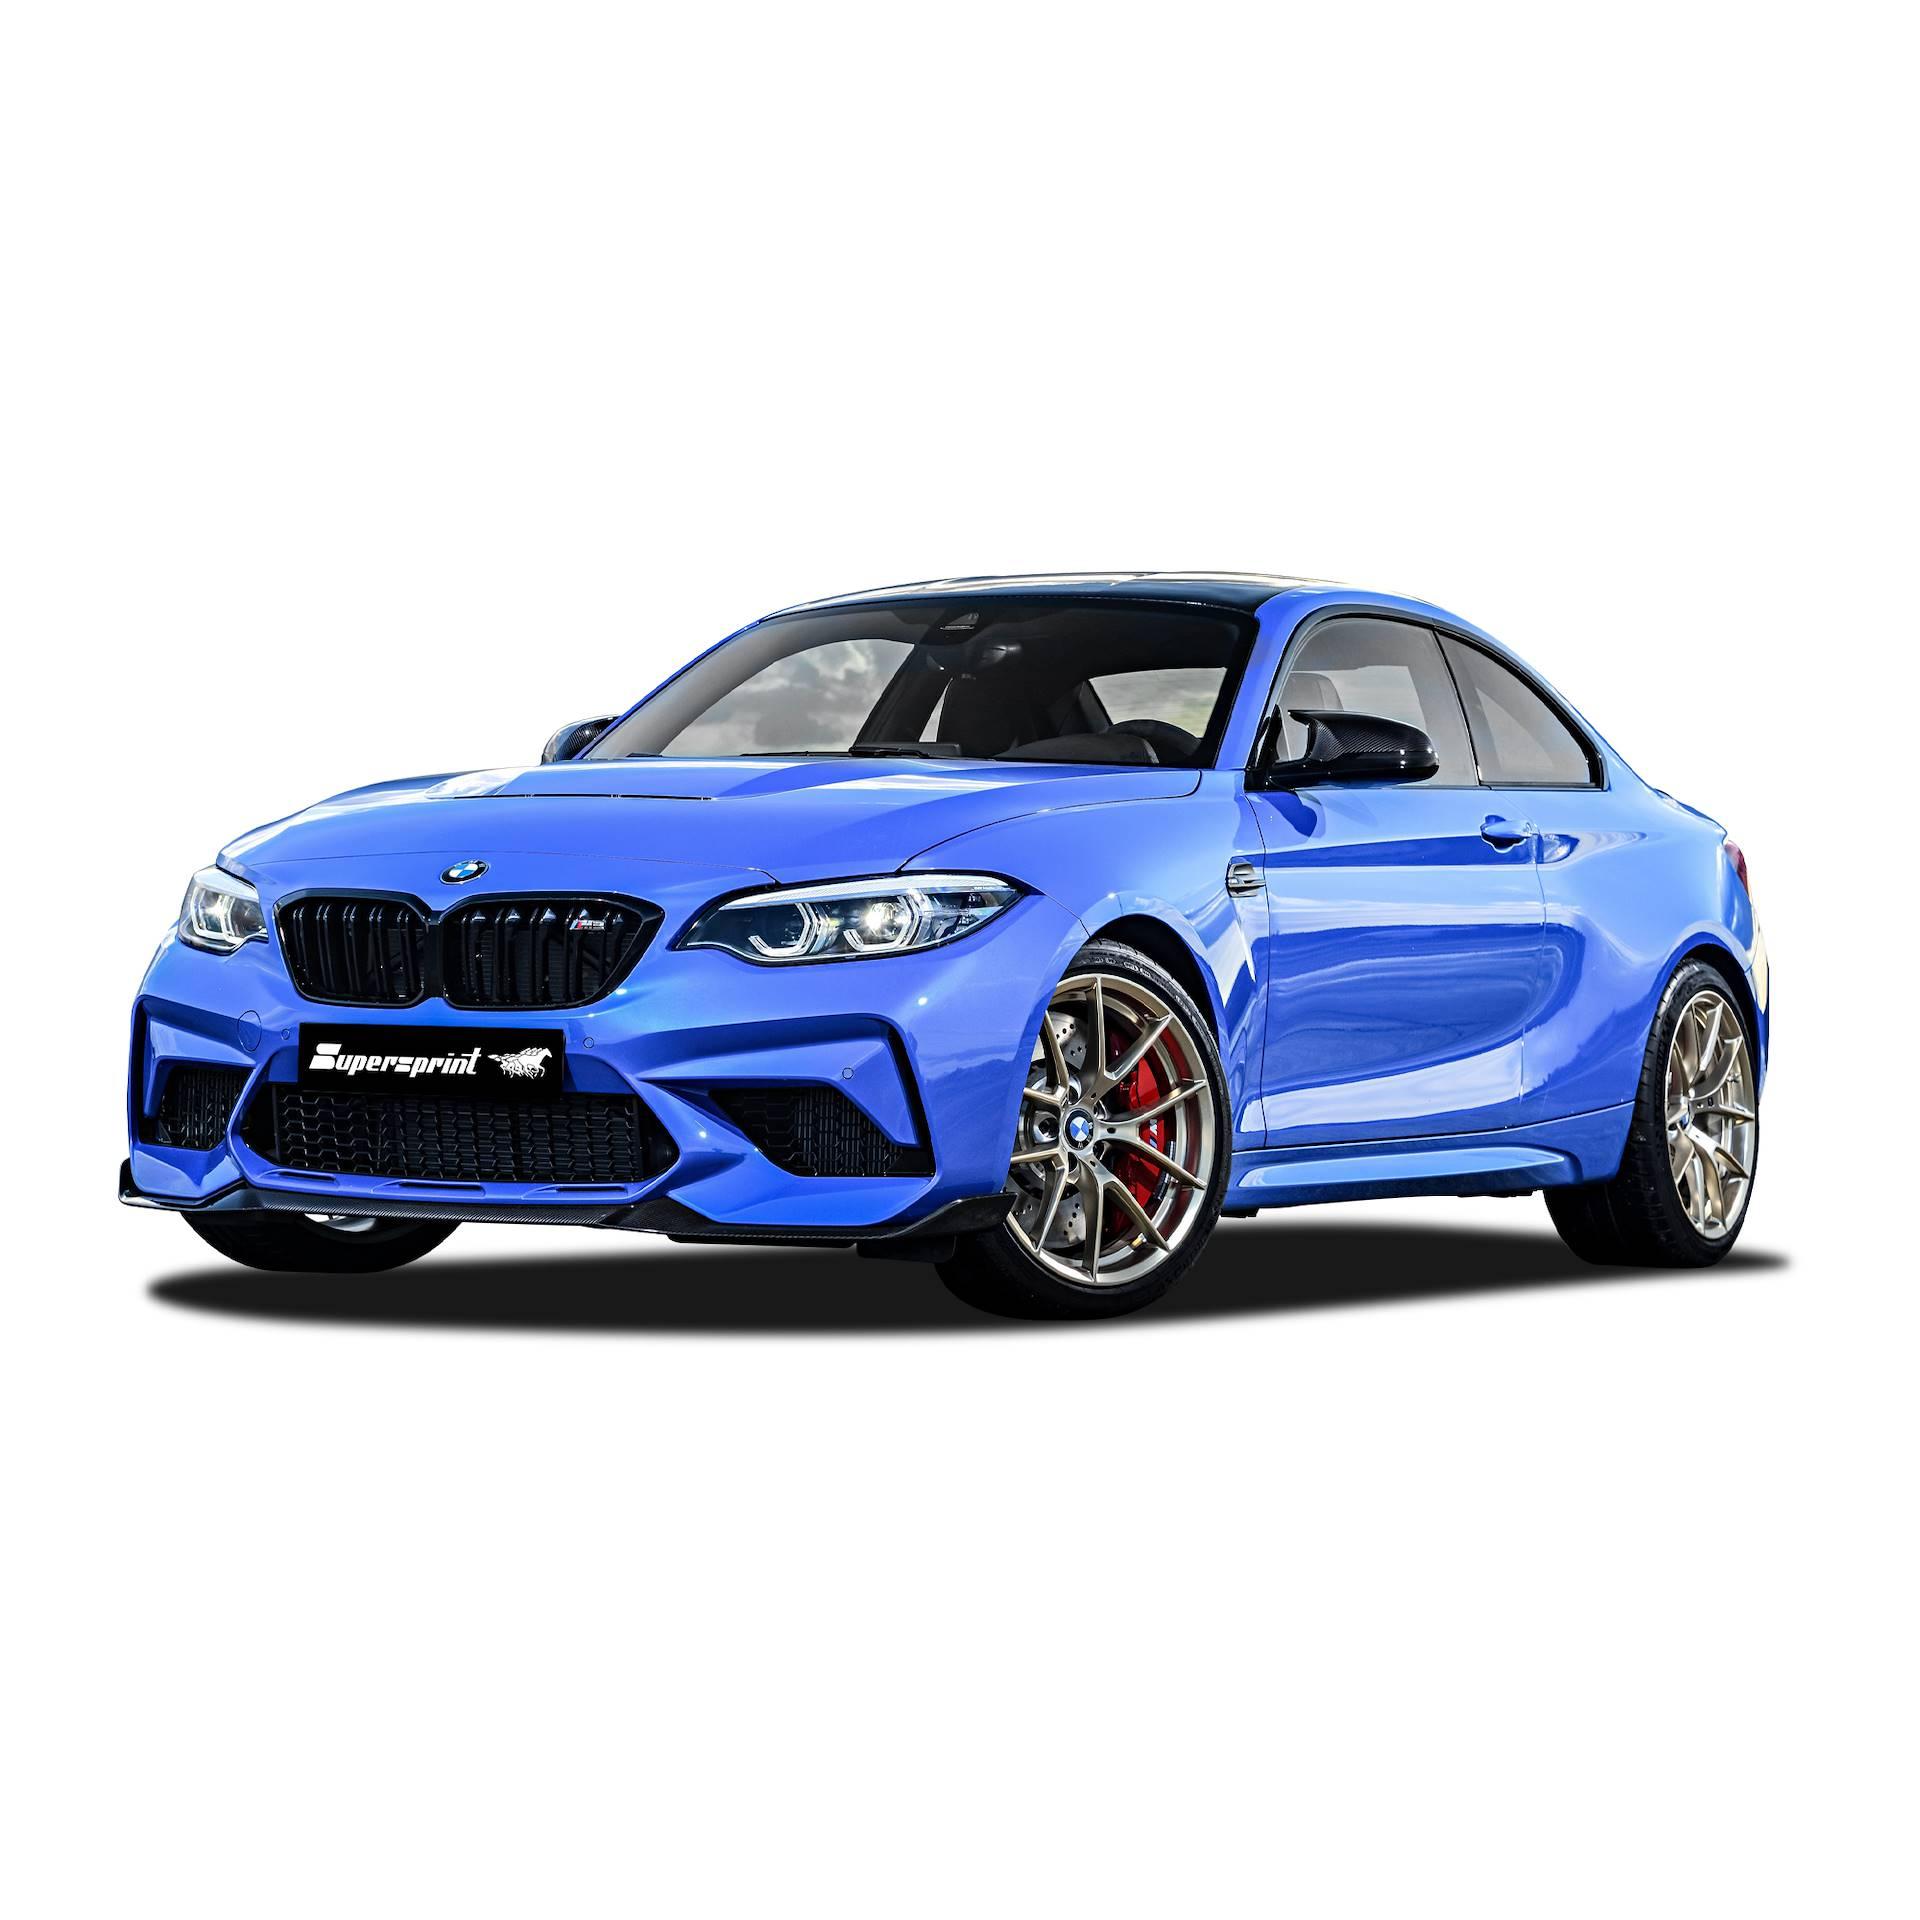 Sportauspuff Anlage Für BMW F87 M2 CS OPF Mit Klappe, BMW